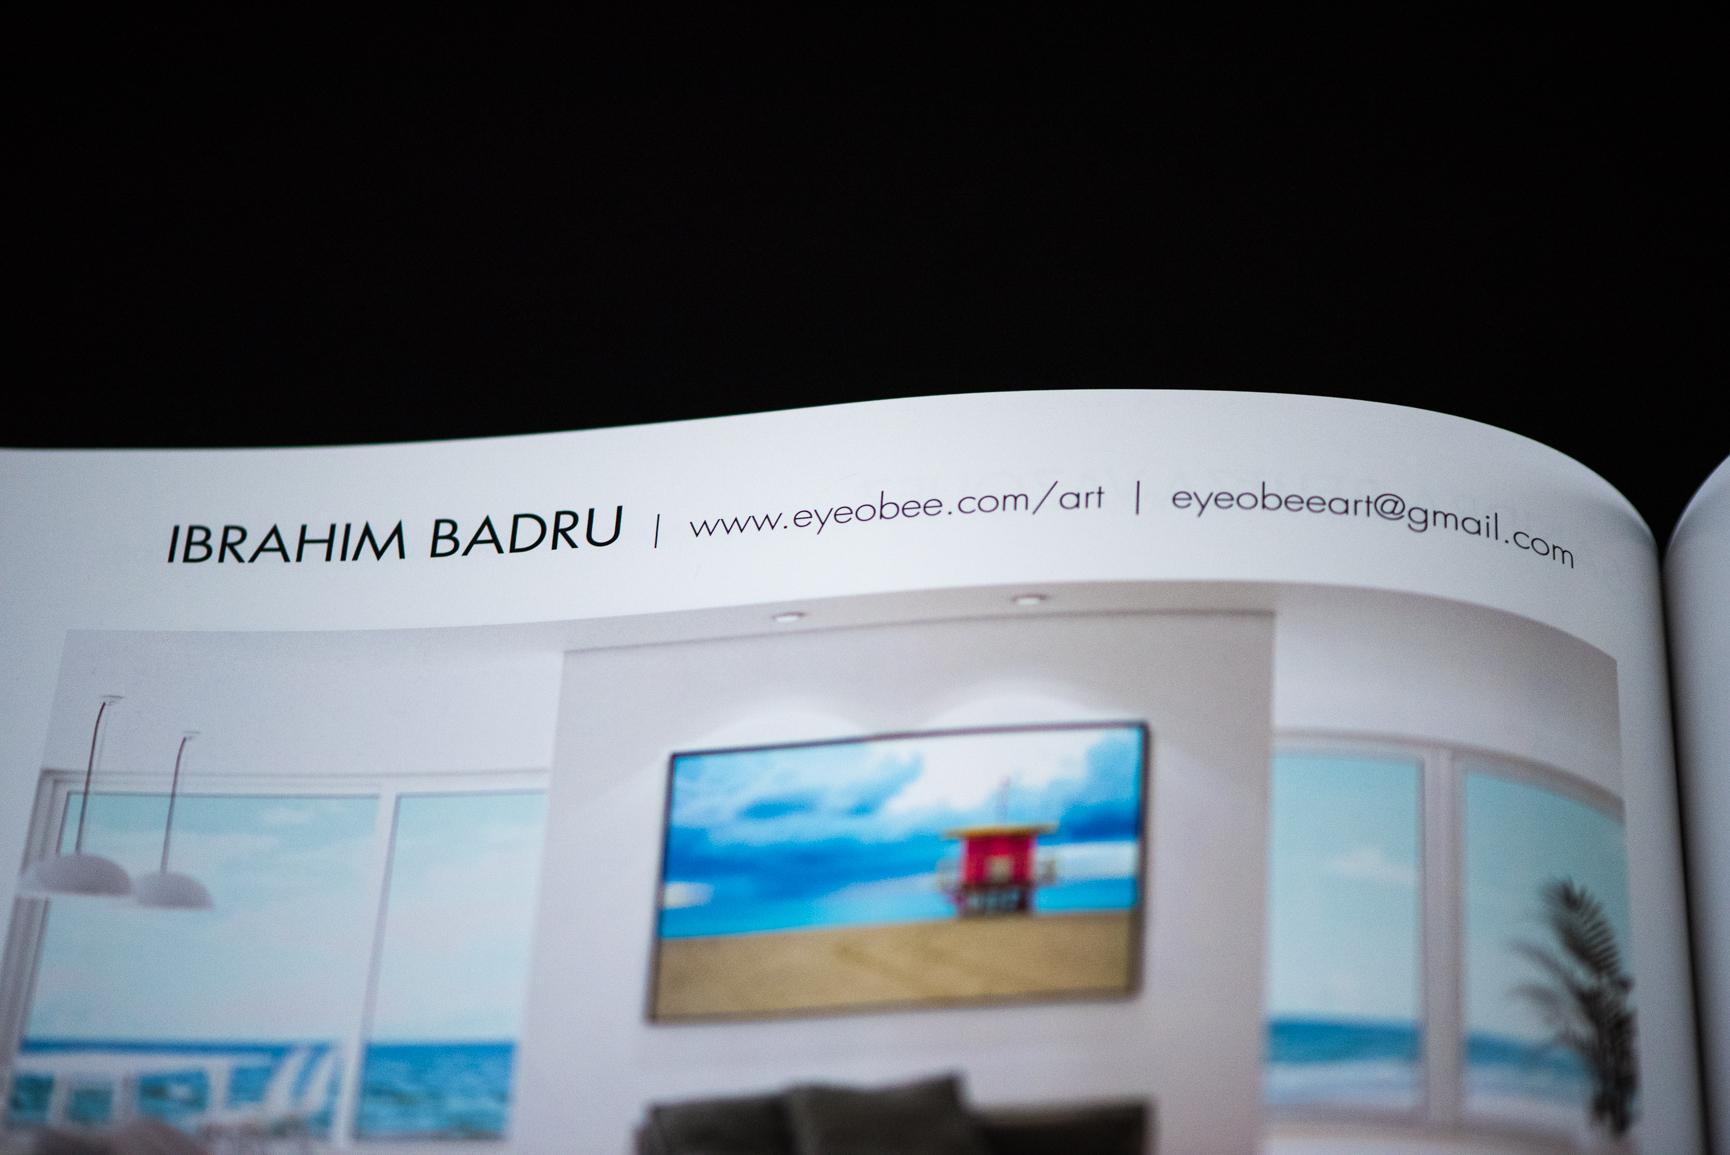 eyeobee art - Blink art resource - Ibrahim Badru-16.jpg